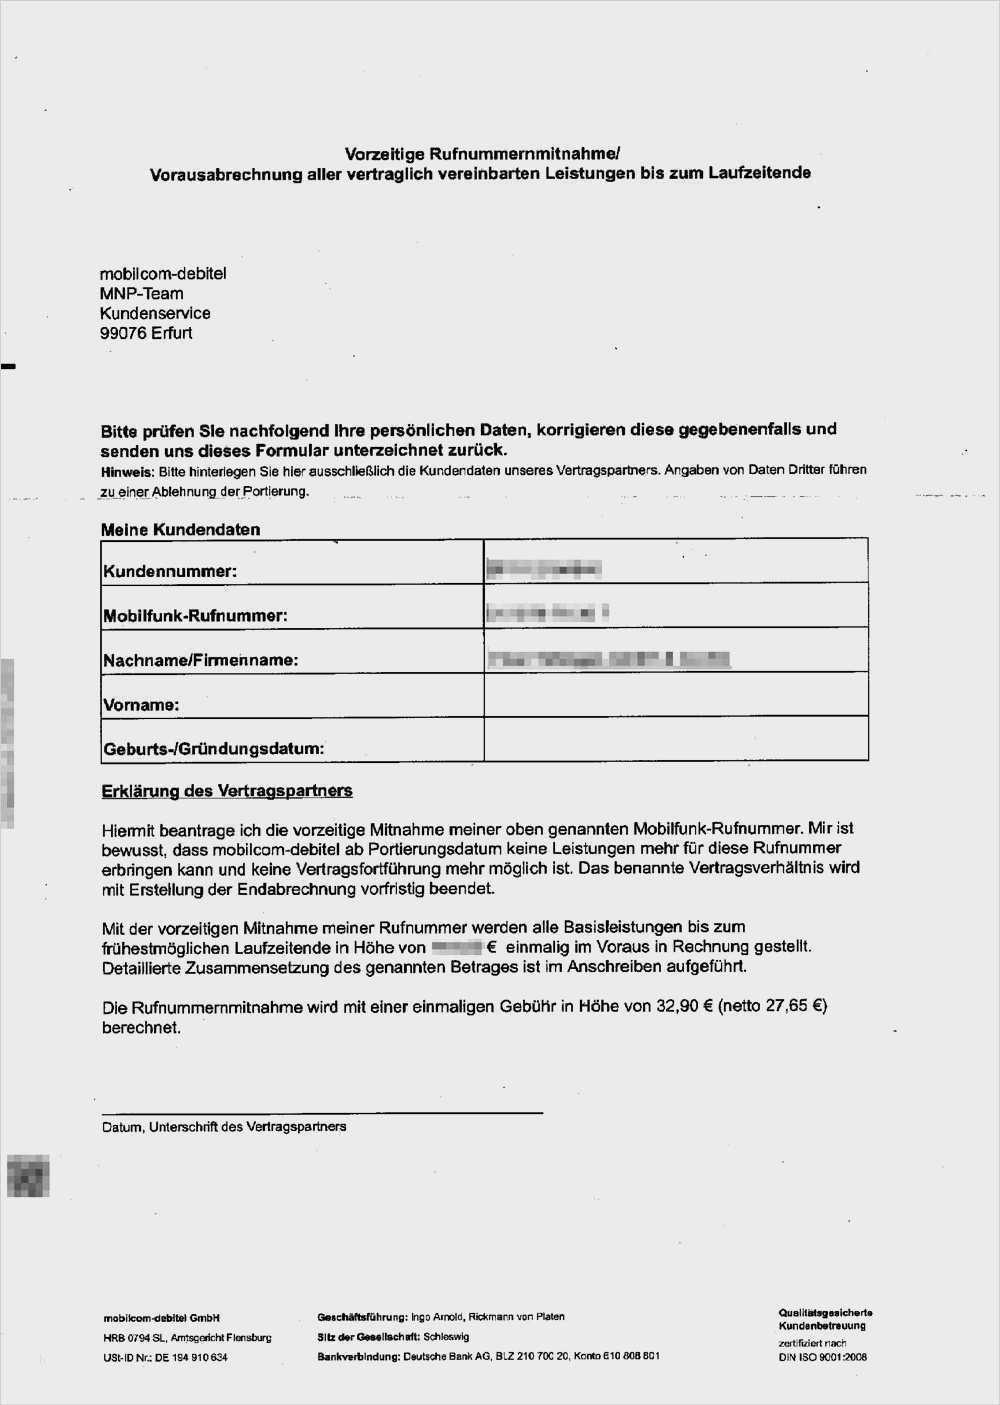 Mobilcom Debitel Kundigung Rufnummernmitnahme Vorlage 33 Best Of Solche Konnen Anpassen Fur I In 2020 Vorlagen Briefkopf Vorlage Lebenslauf